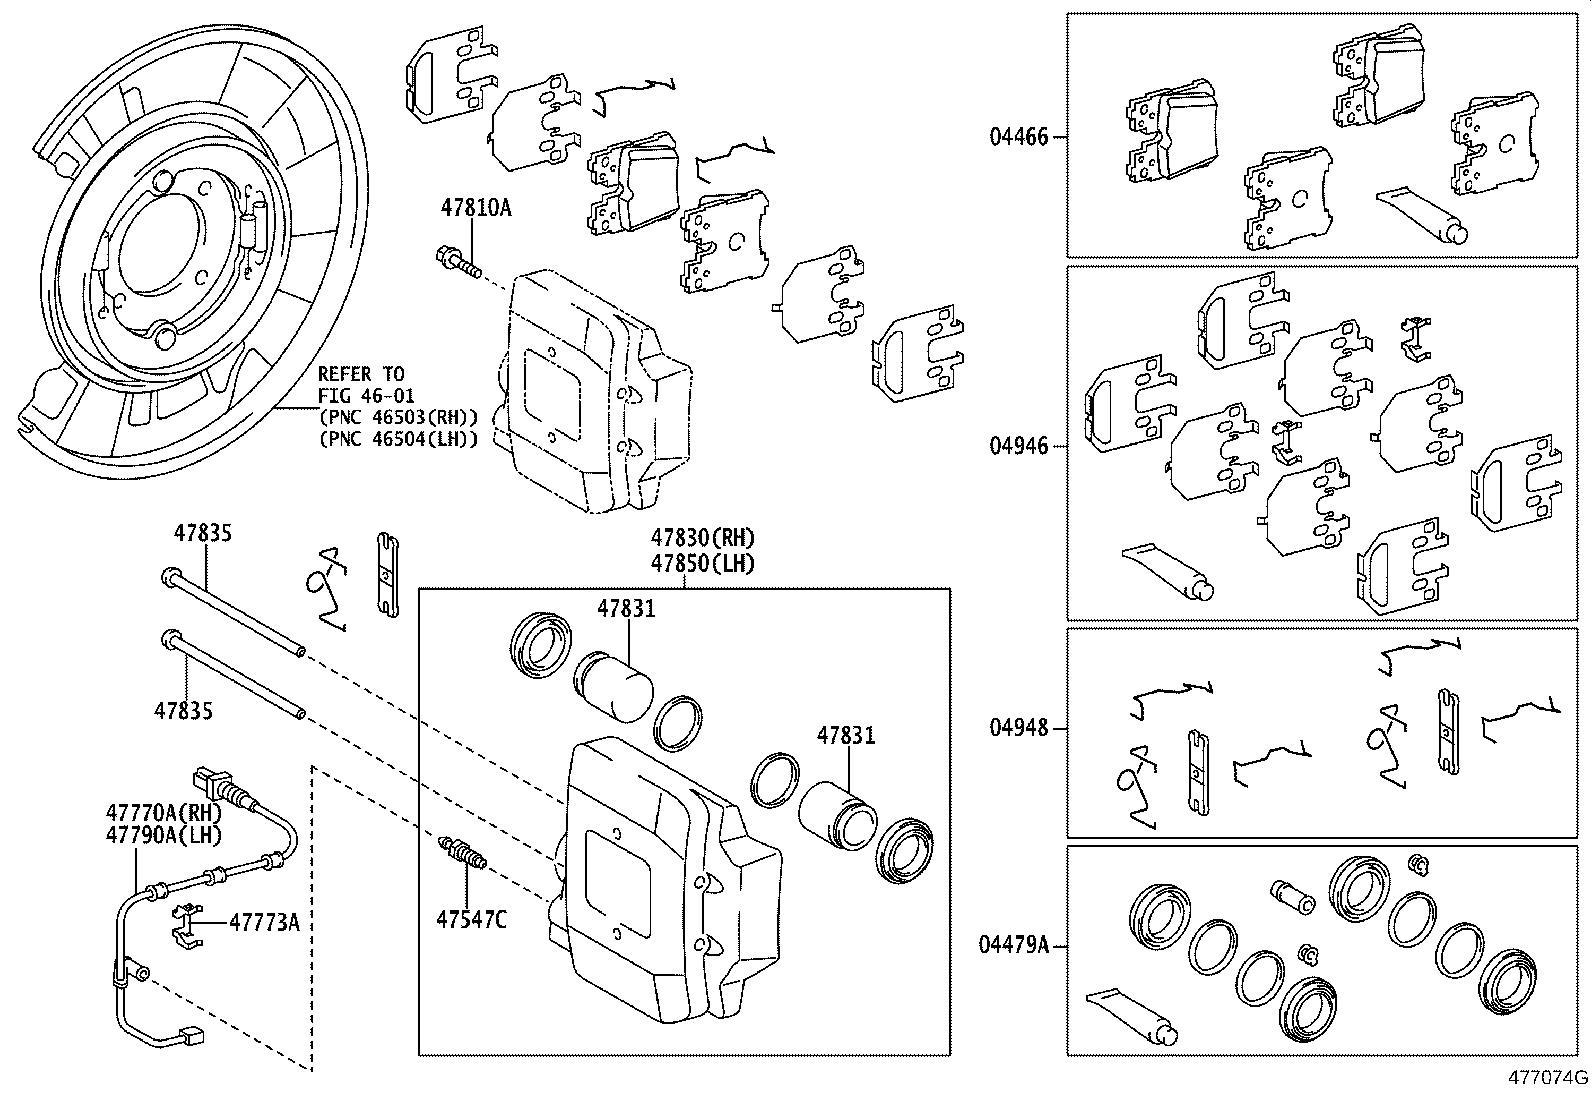 2008 Lexus Ls 460 Fuse Diagram